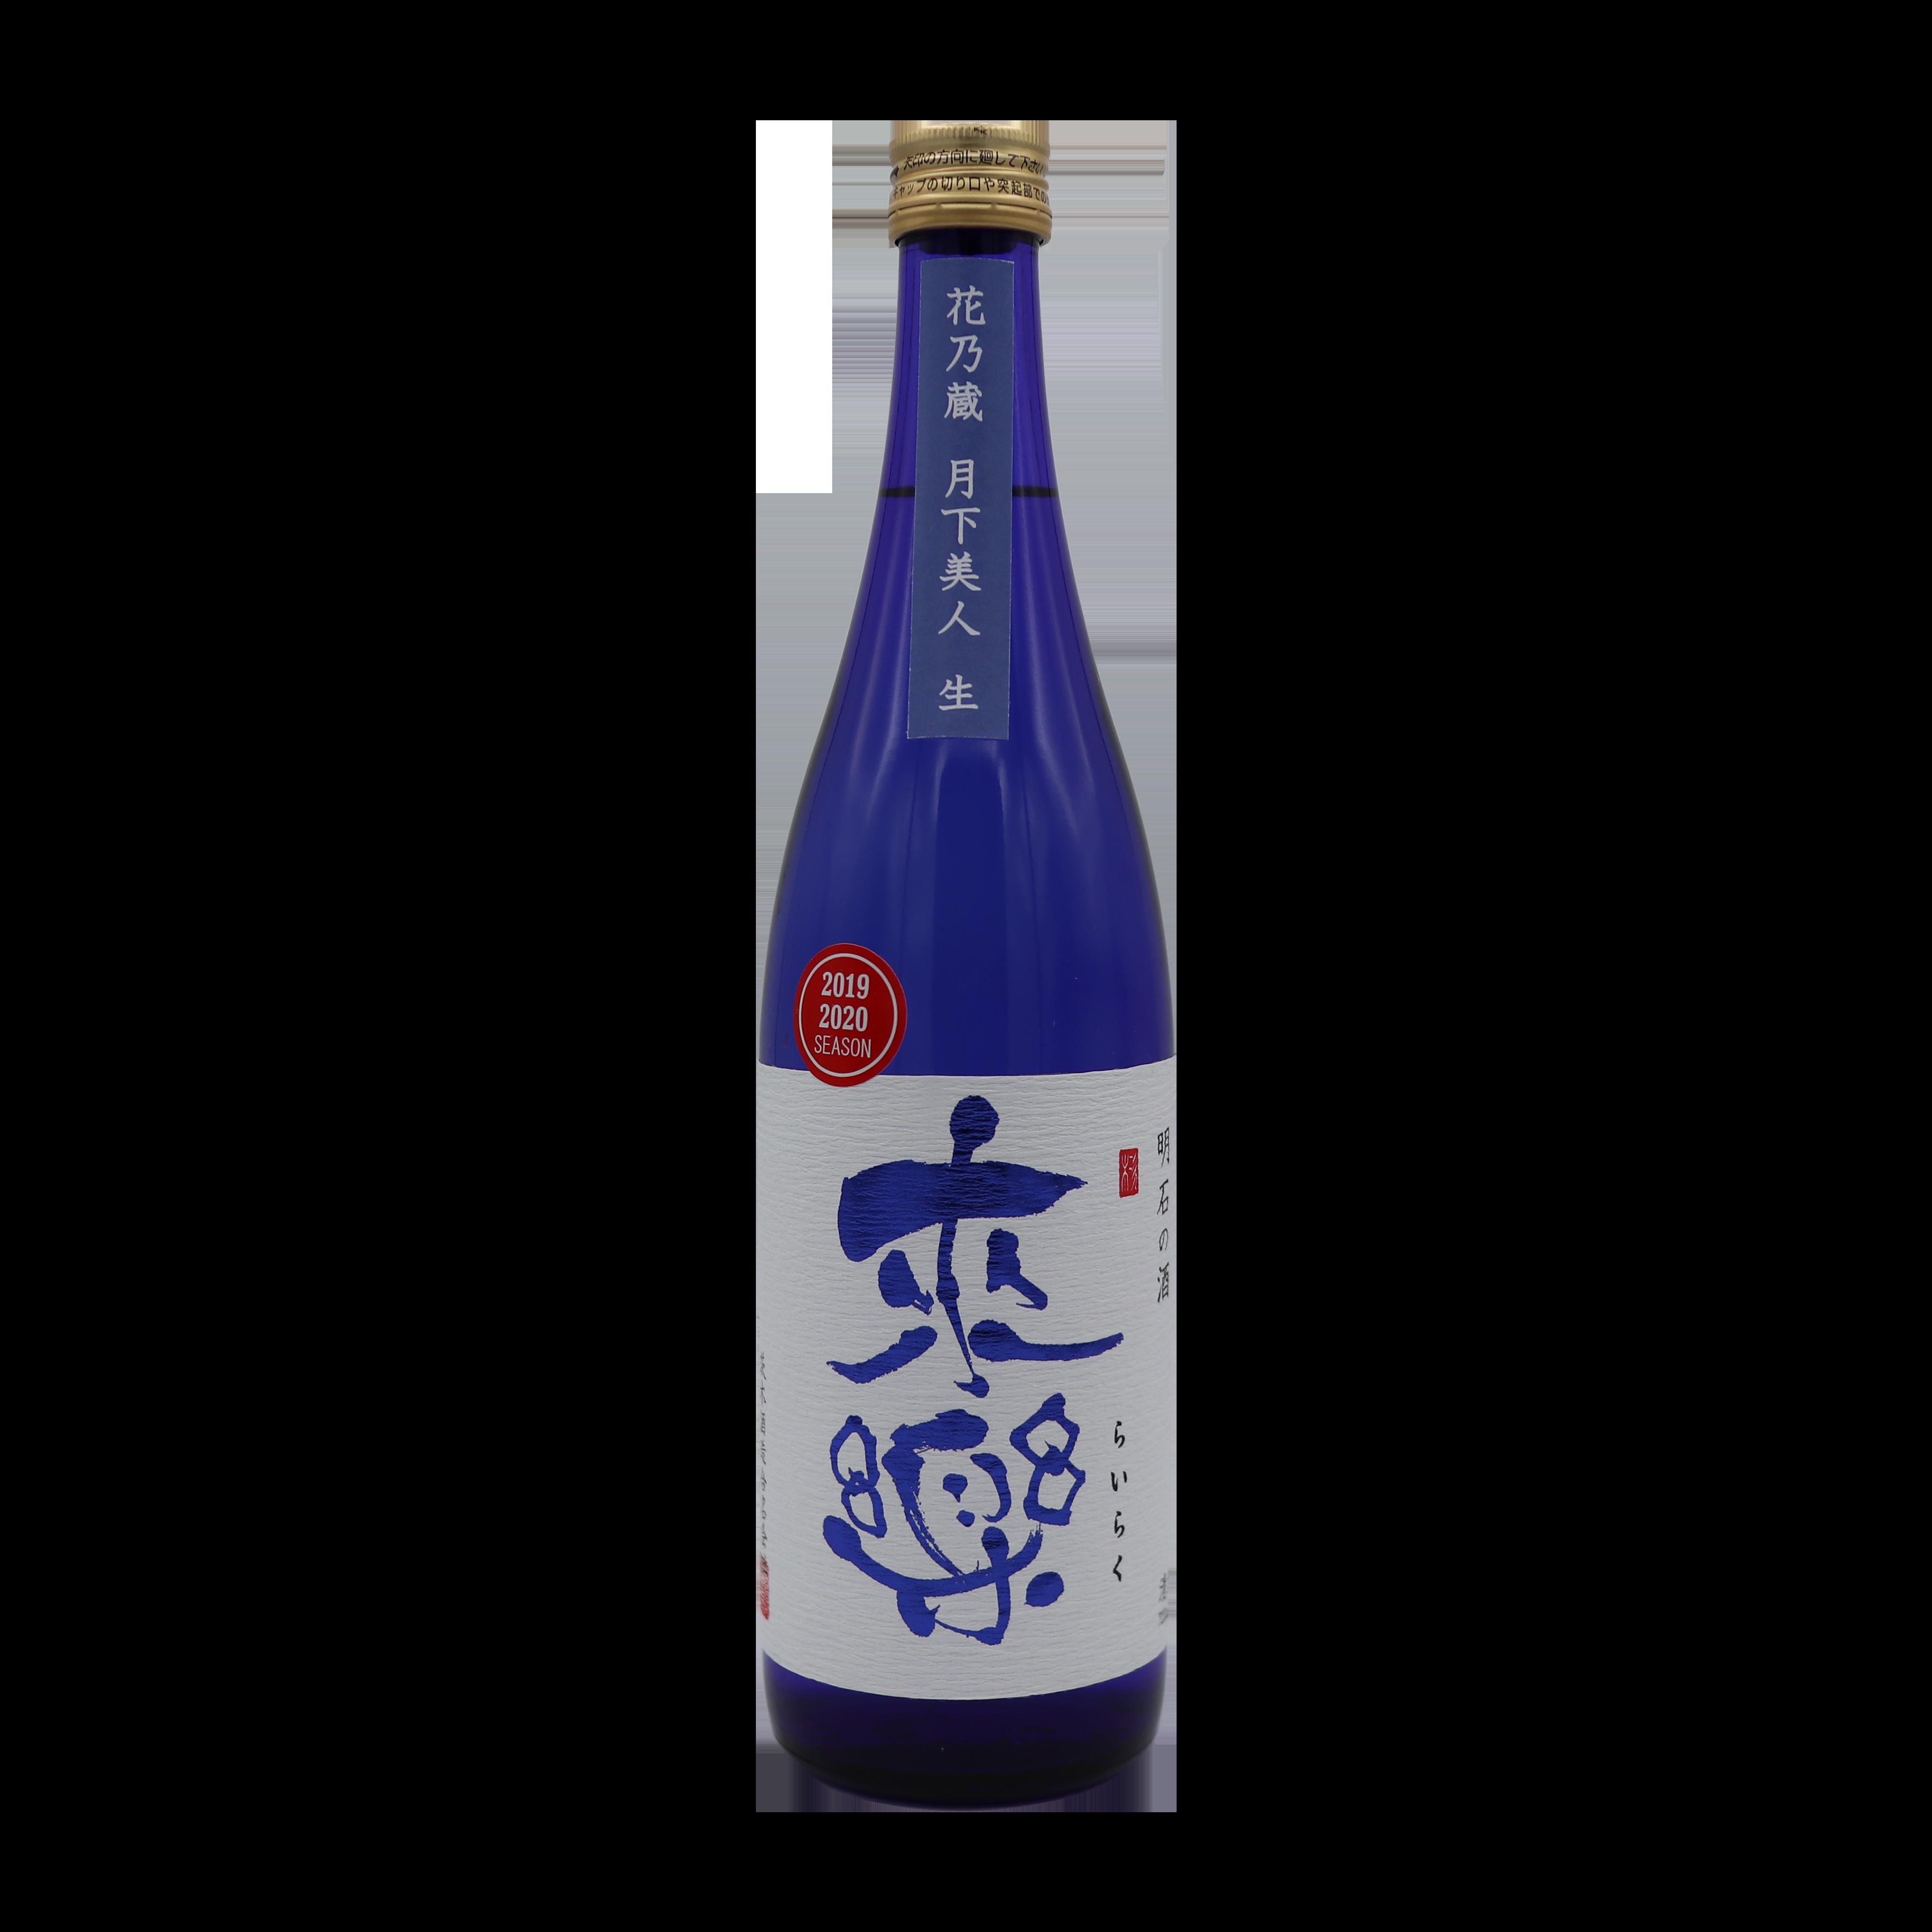 Rairaku Geikabijin Nama Genshu